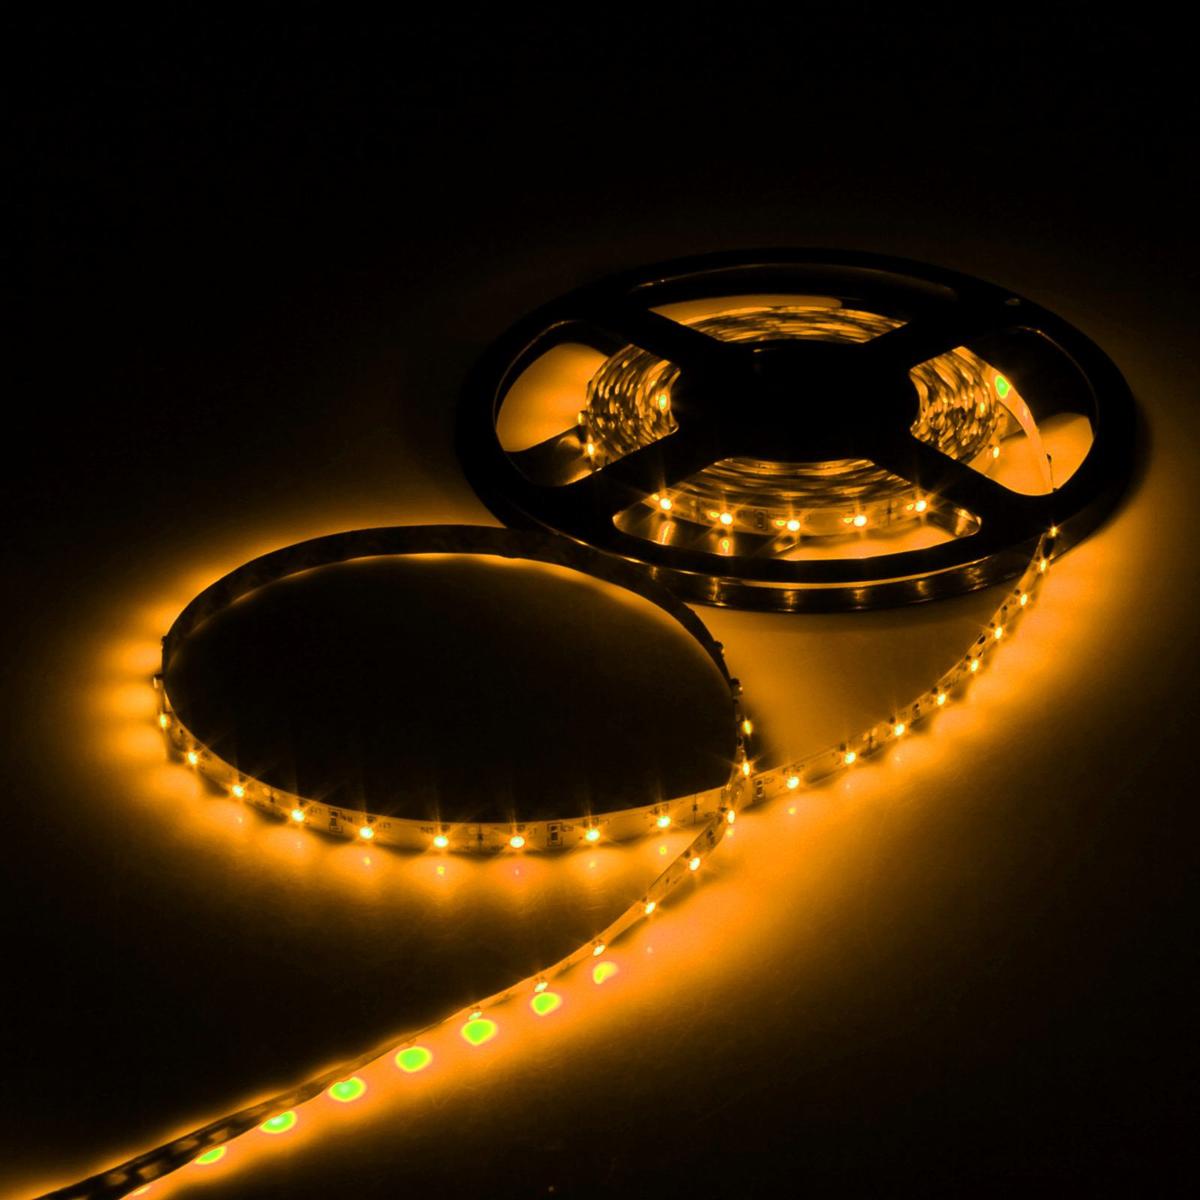 Светодиодная лента Luazon, 12В, SMD3528, длина 5 м, IP33, 60 LED ламп, 4.8 Вт/м, 6-7 Лм/1 LED, DC, цвет: желтый883871Светодиодные гирлянды, ленты и т.д — это отличный вариант для новогоднего оформления интерьера или фасада. С их помощью помещение любого размера можно превратить в праздничный зал, а внешние элементы зданий, украшенные ими, мгновенно станут напоминать очертания сказочного дворца. Такие украшения создают ауру предвкушения чуда. Деревья, фасады, витрины, окна и арки будто специально созданы, чтобы вы украсили их светящимися нитями.